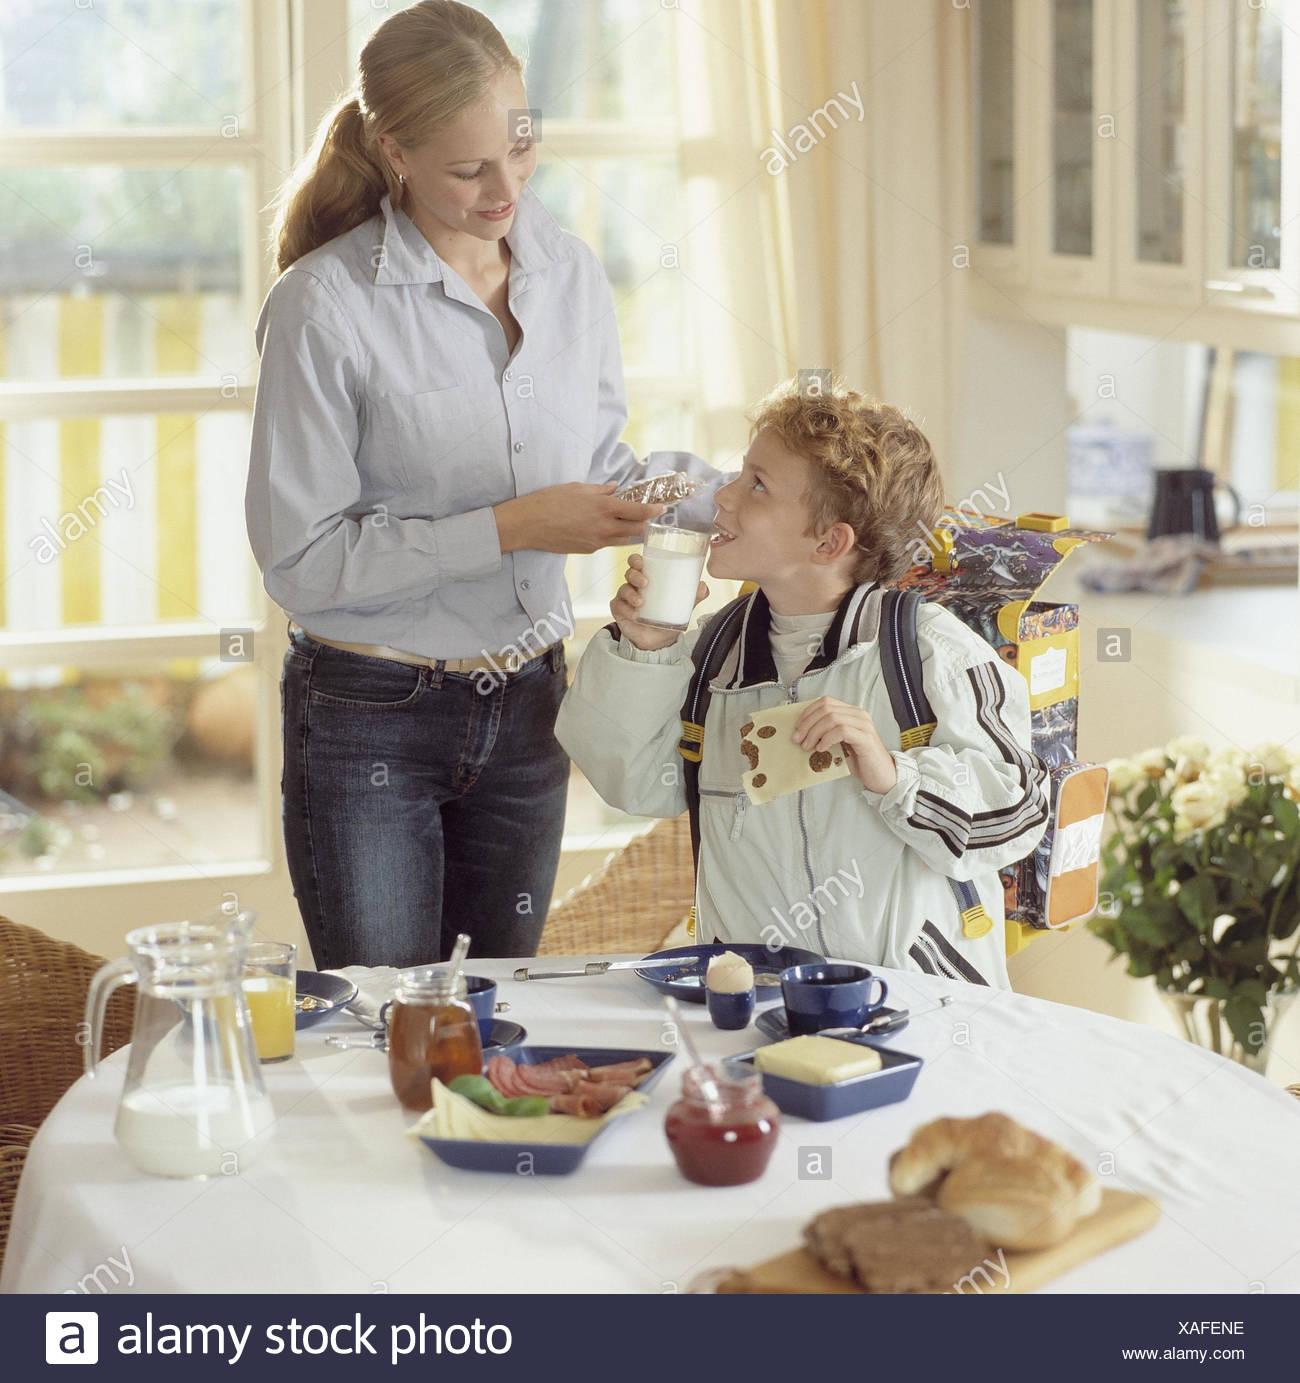 Cocina, Mesa de desayuno, la tuerca, el niño, la leche, la bebida ...